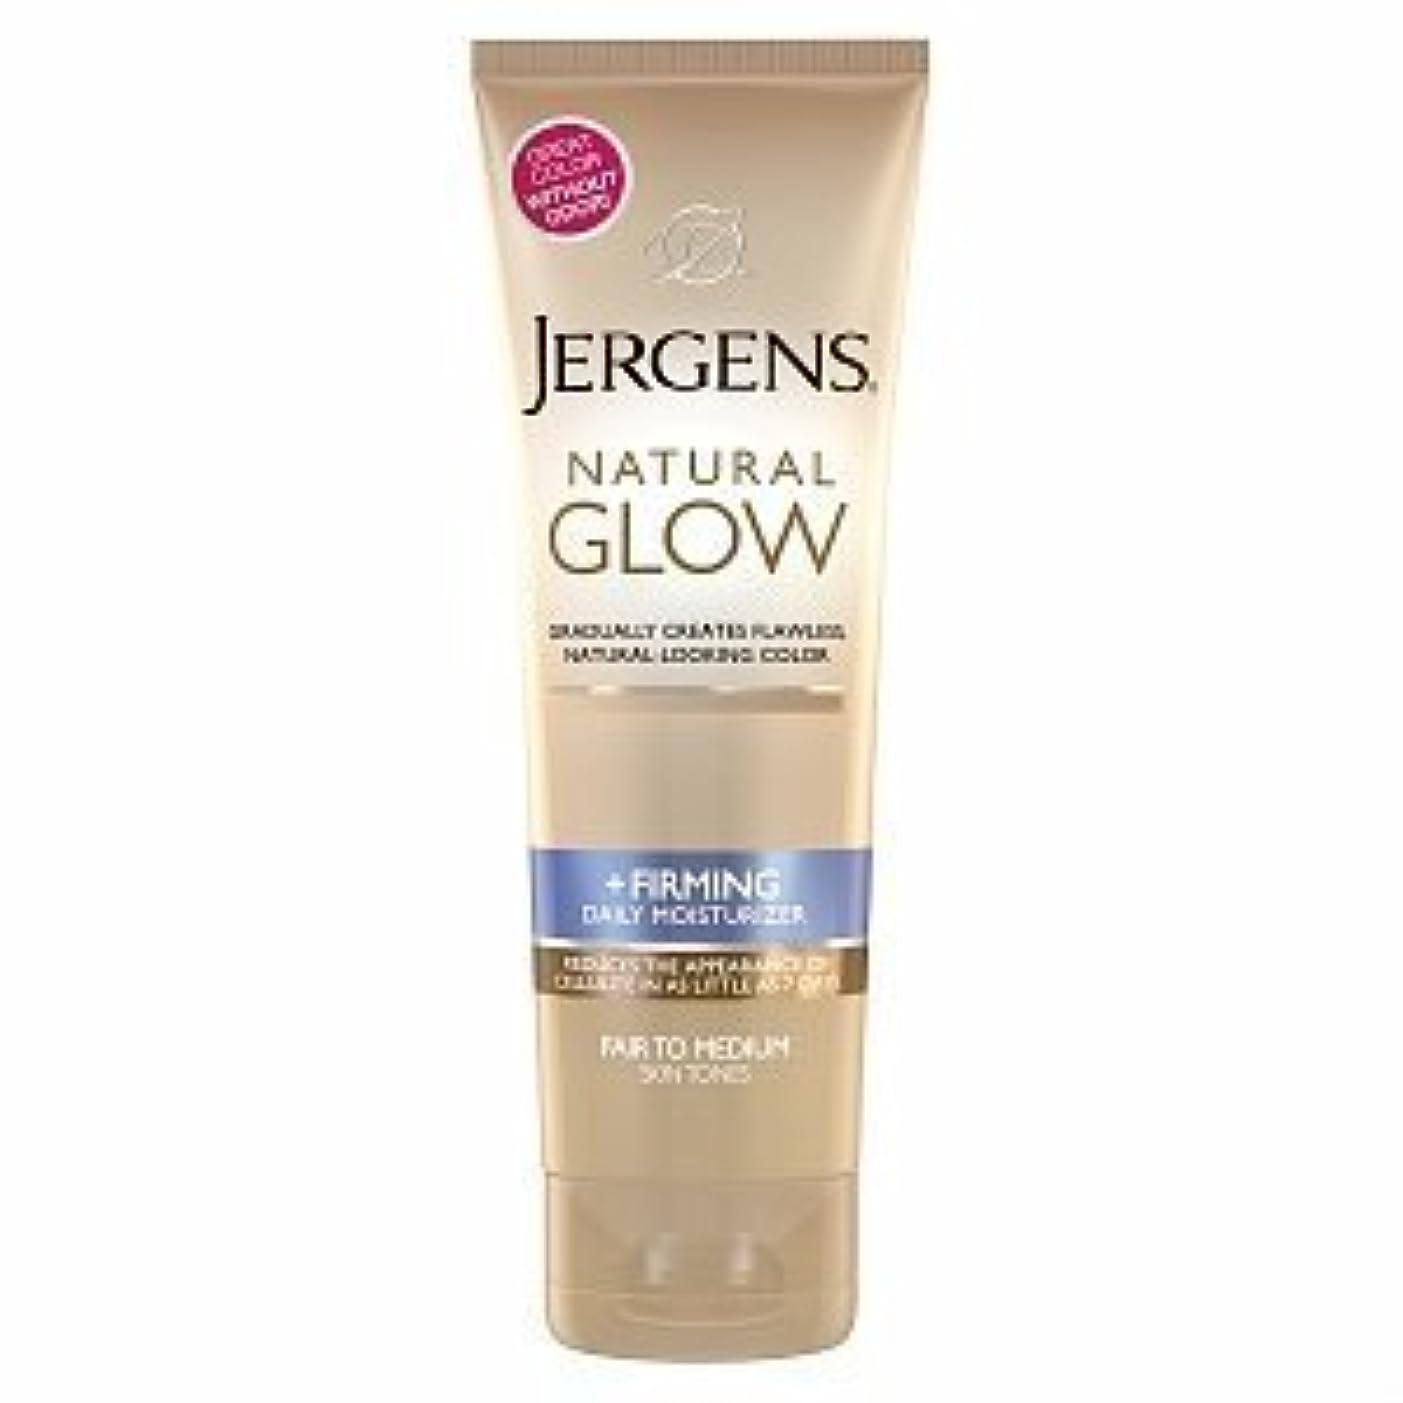 和らげる解明アミューズメントNatural Glow Firming Daily Moisturizer, Fair to Medium Skin Tone 7.5 fl oz (221 ml) (海外直送品)